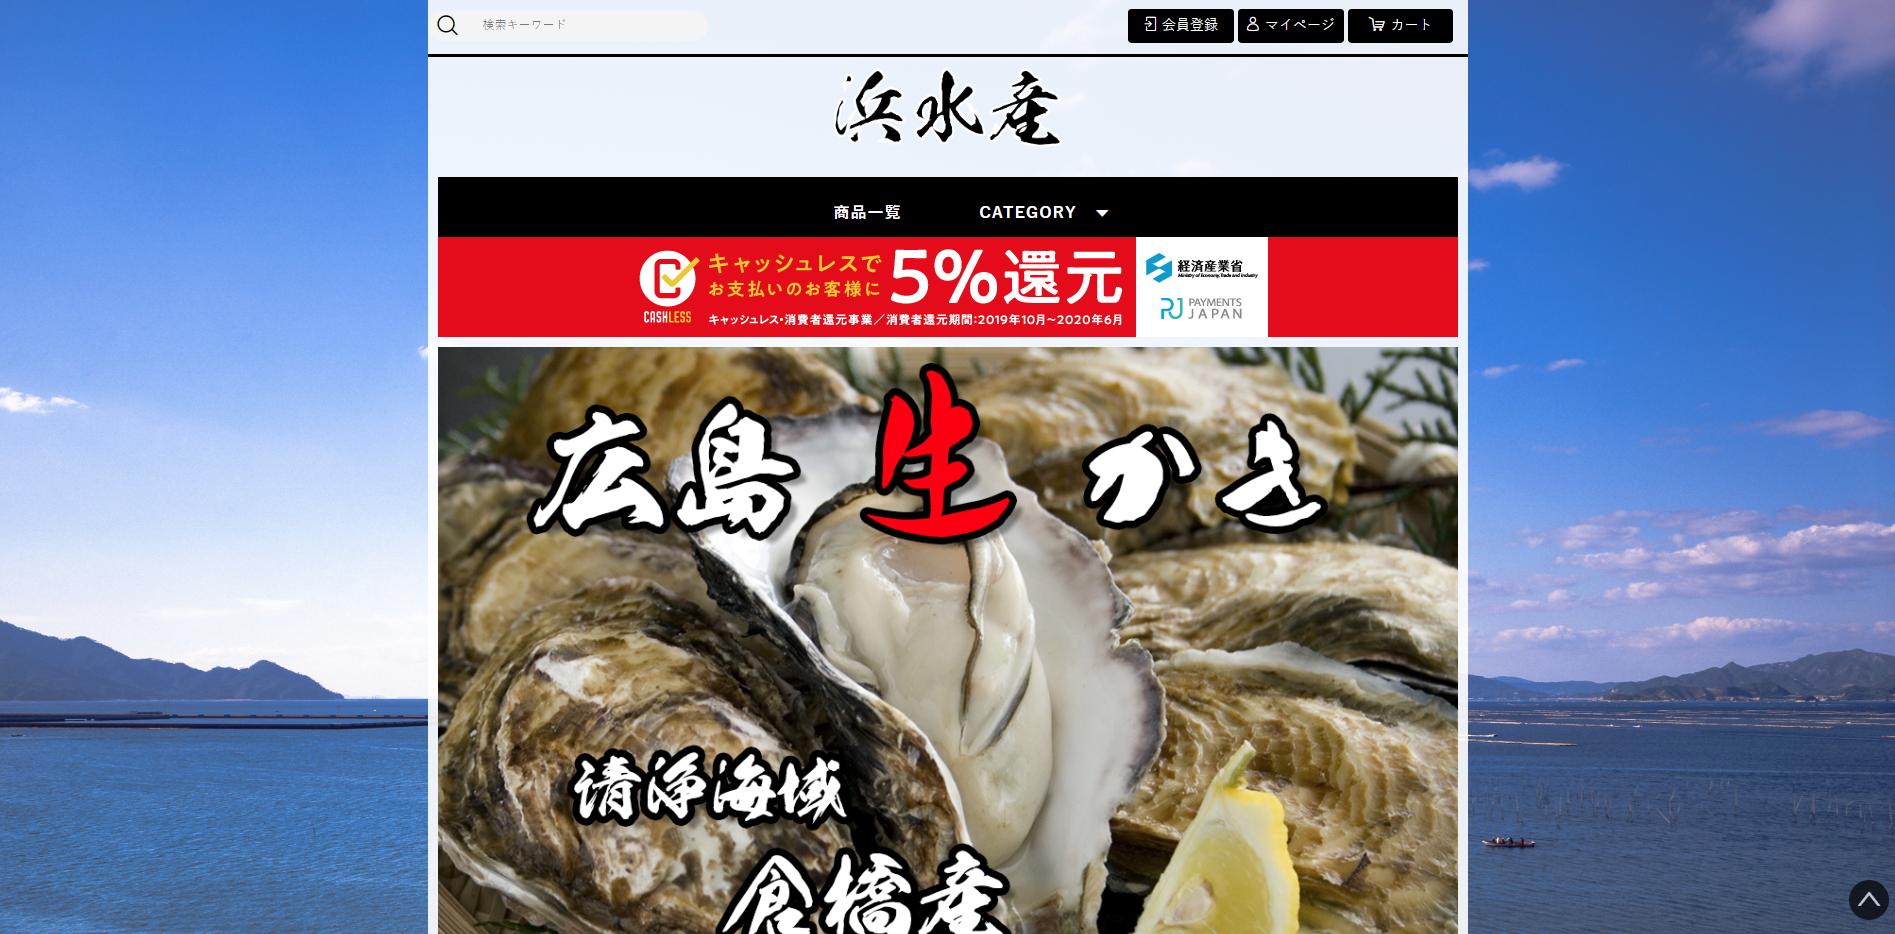 ヤマトフィナンシャル株式会社のらくうるカートで制作した、浜水産様の通販サイトです。